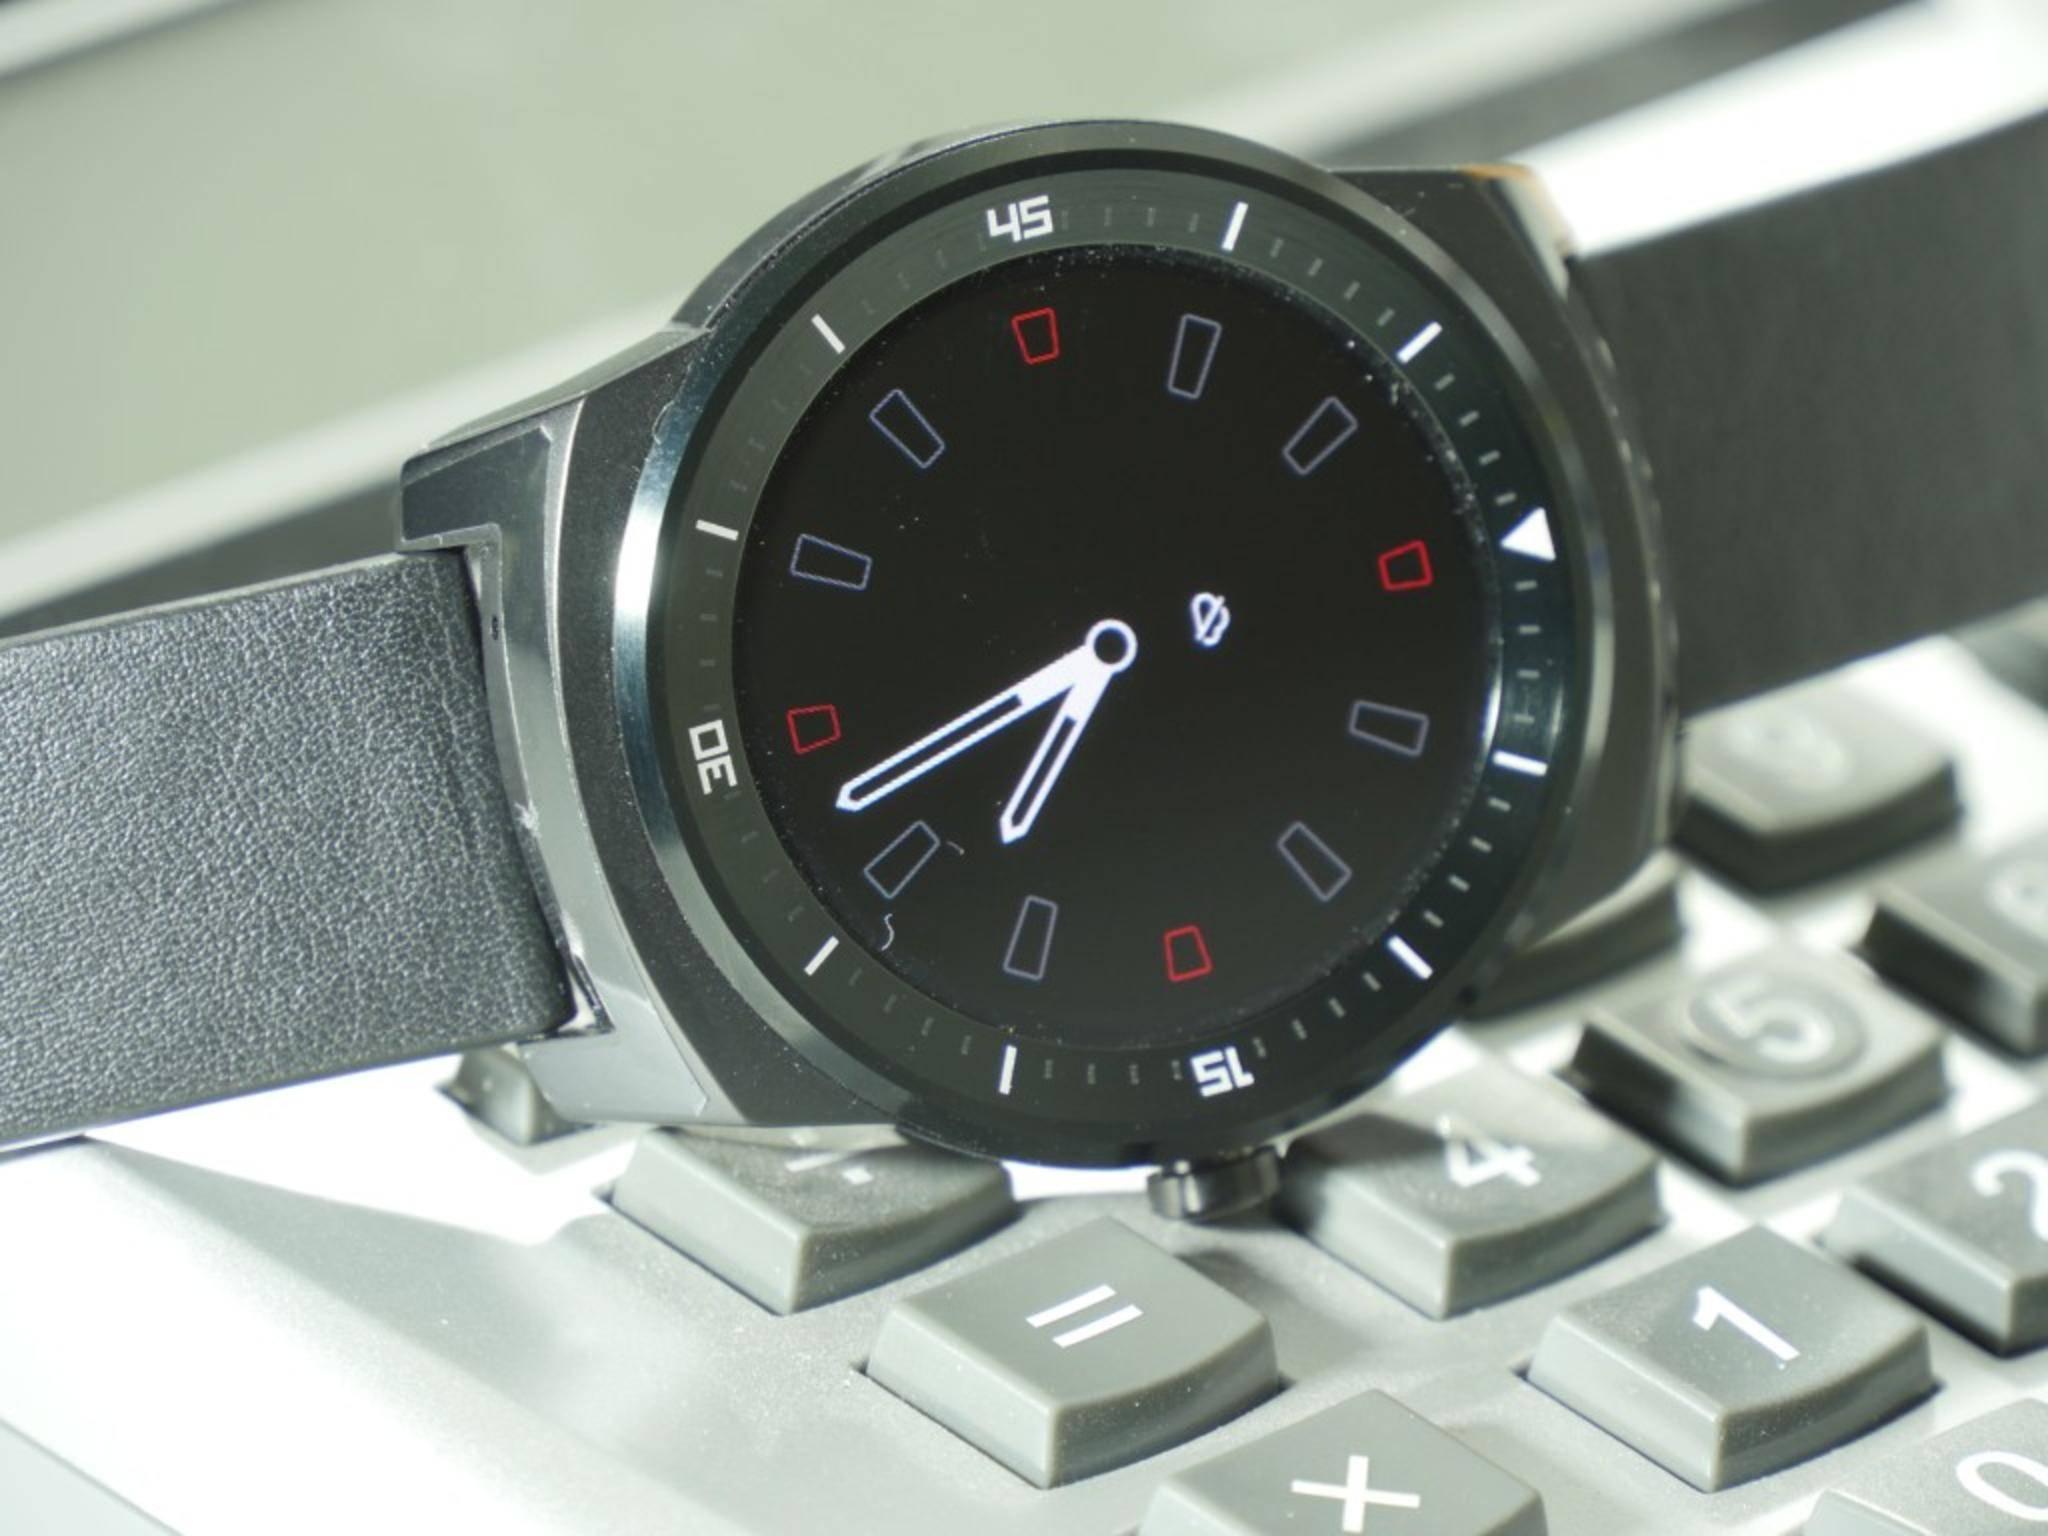 Nach kurzer Zeit schaltet die Uhr in einen Energiesparmodus.